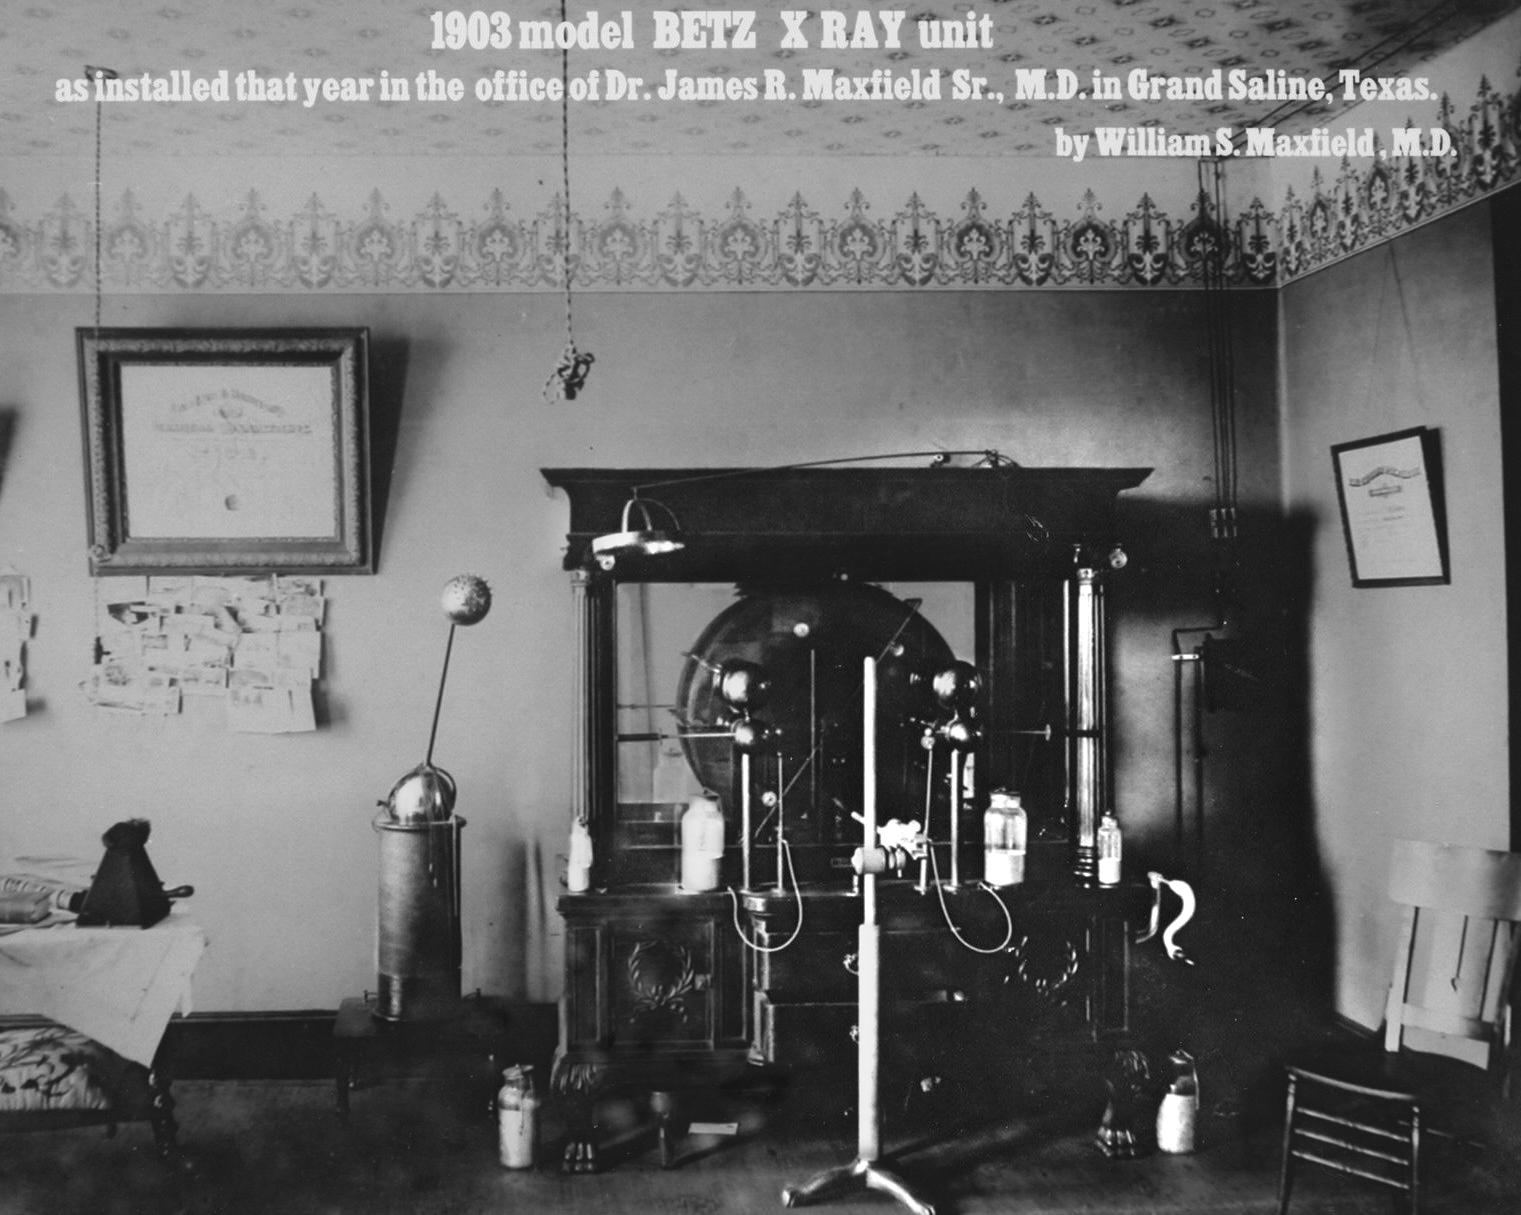 Beta x-ray unit, circa 1903